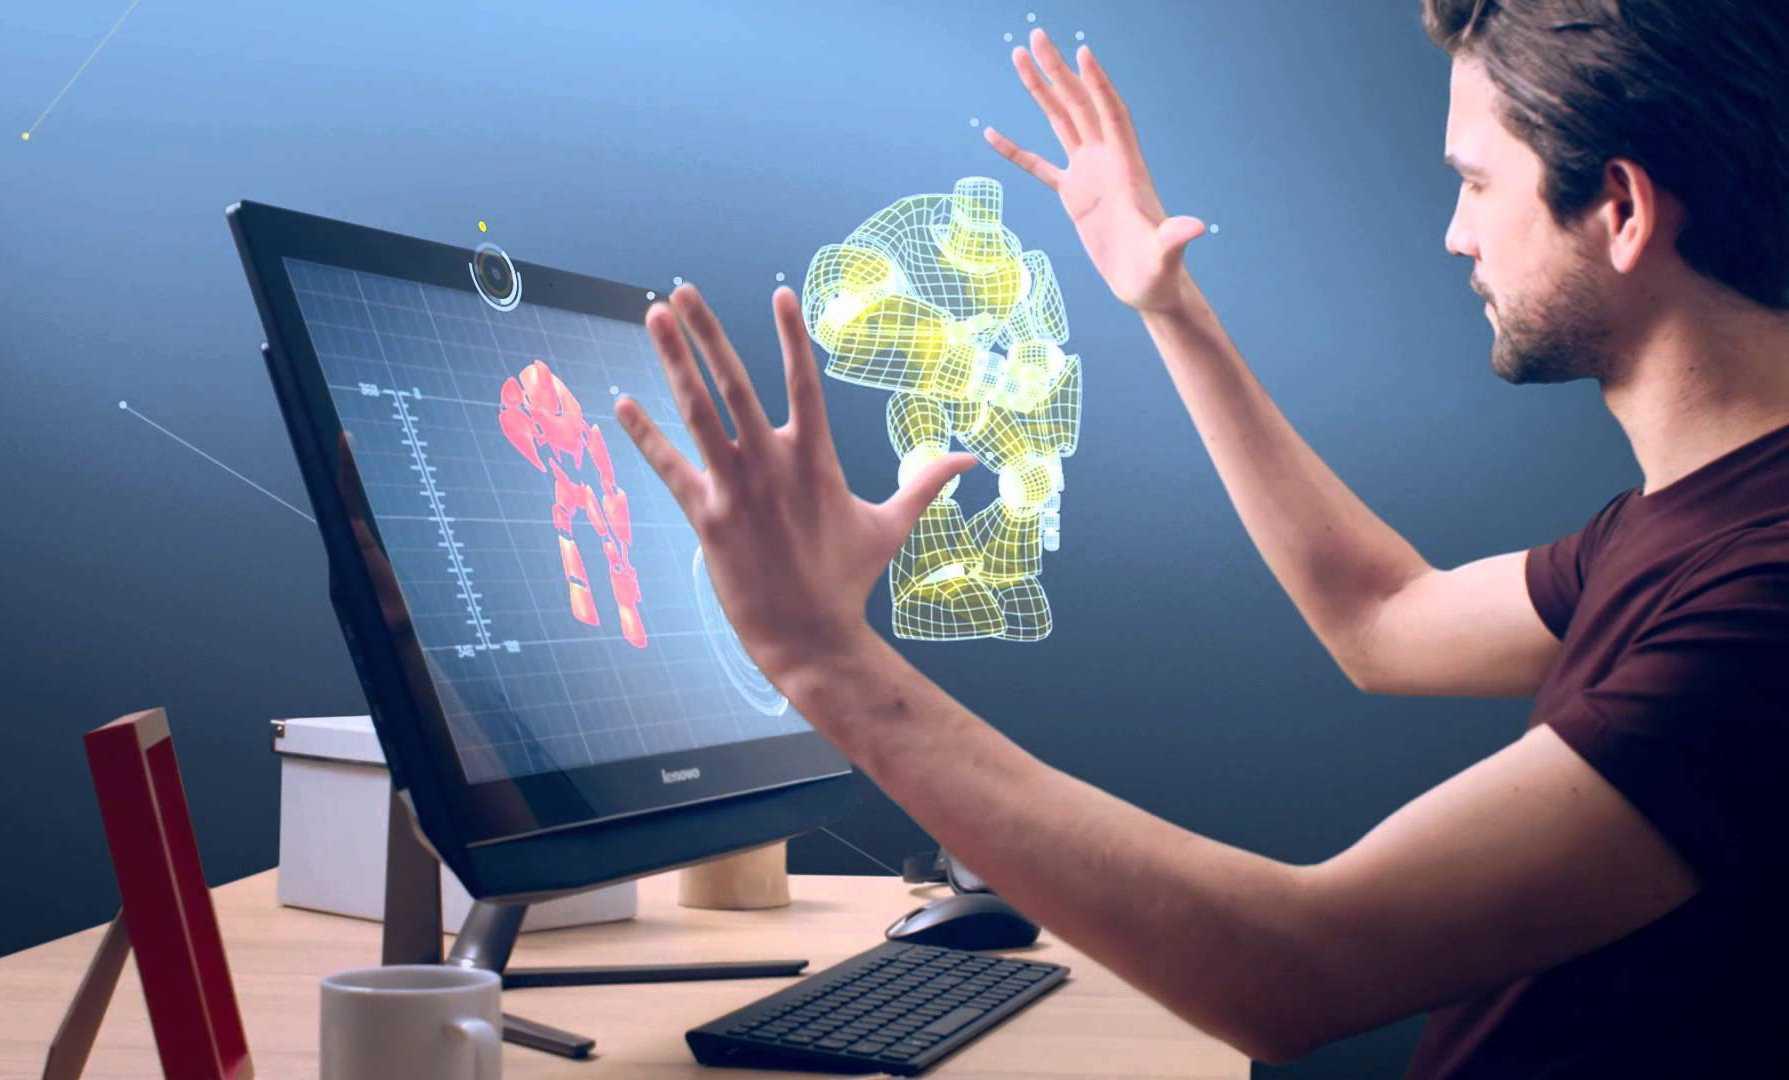 Технологии из фантастических фильмов vs реальное состояние medtech-индустрии   rusbase